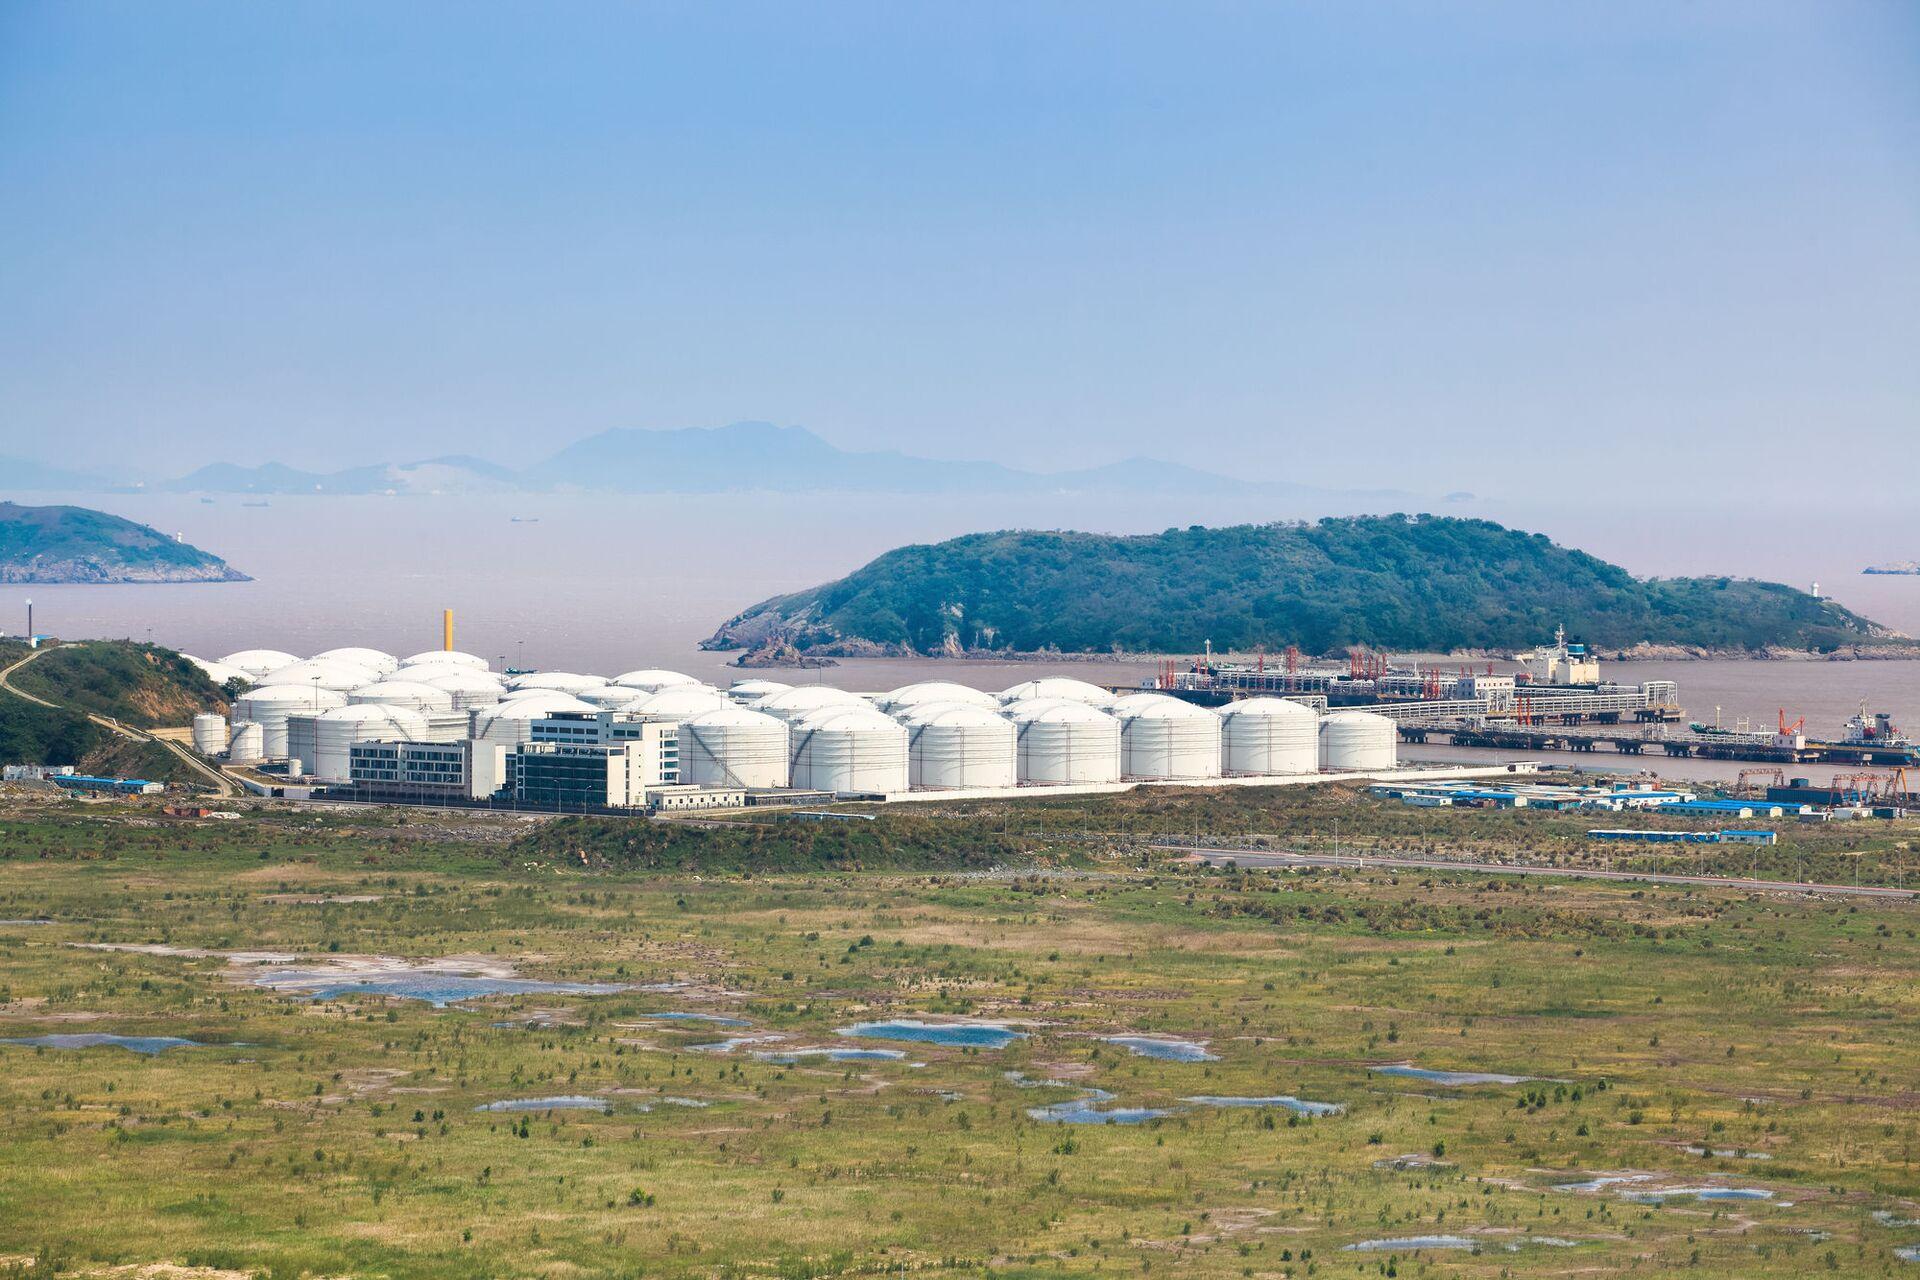 Tìm thấy trữ lượng dầu khổng lồ ở Trung Quốc - Sputnik Việt Nam, 1920, 22.06.2021